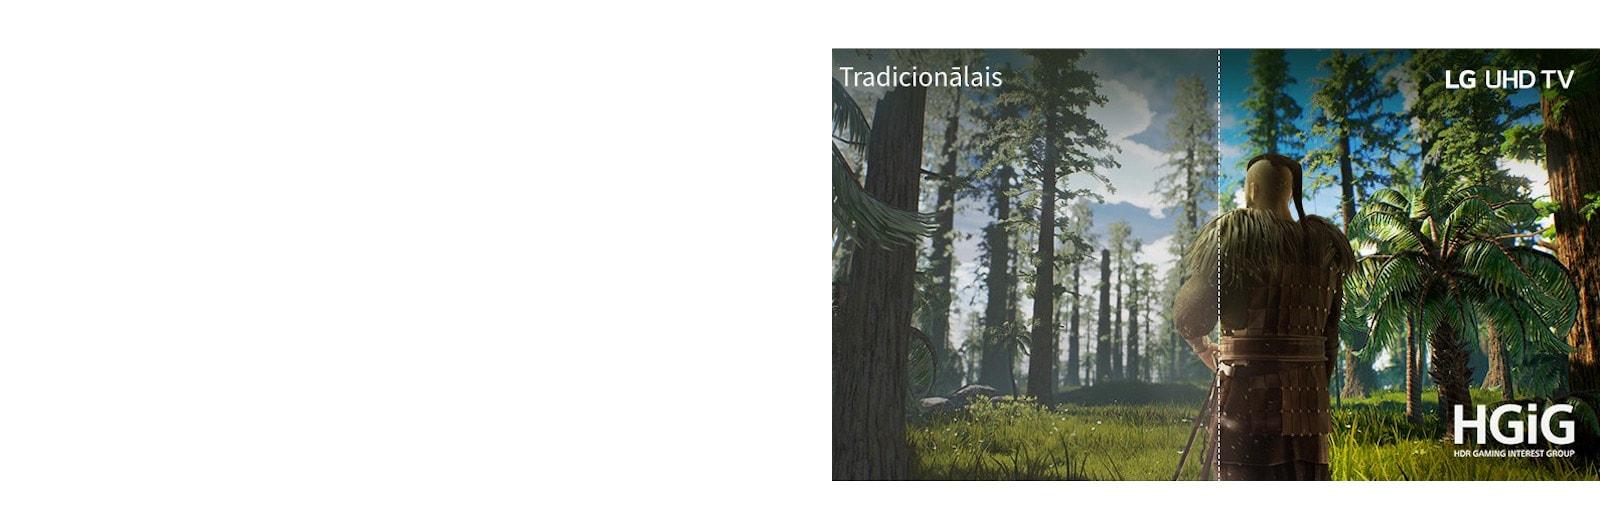 Televizora ekrānā redzama spēles aina, kurā cilvēks stāv meža vidū. Puse attēlota uz tradicionālā ekrāna ar zemu attēla kvalitāti. Otra puse attēlota LG UHD televizorā ar skaidru un košu attēlu.